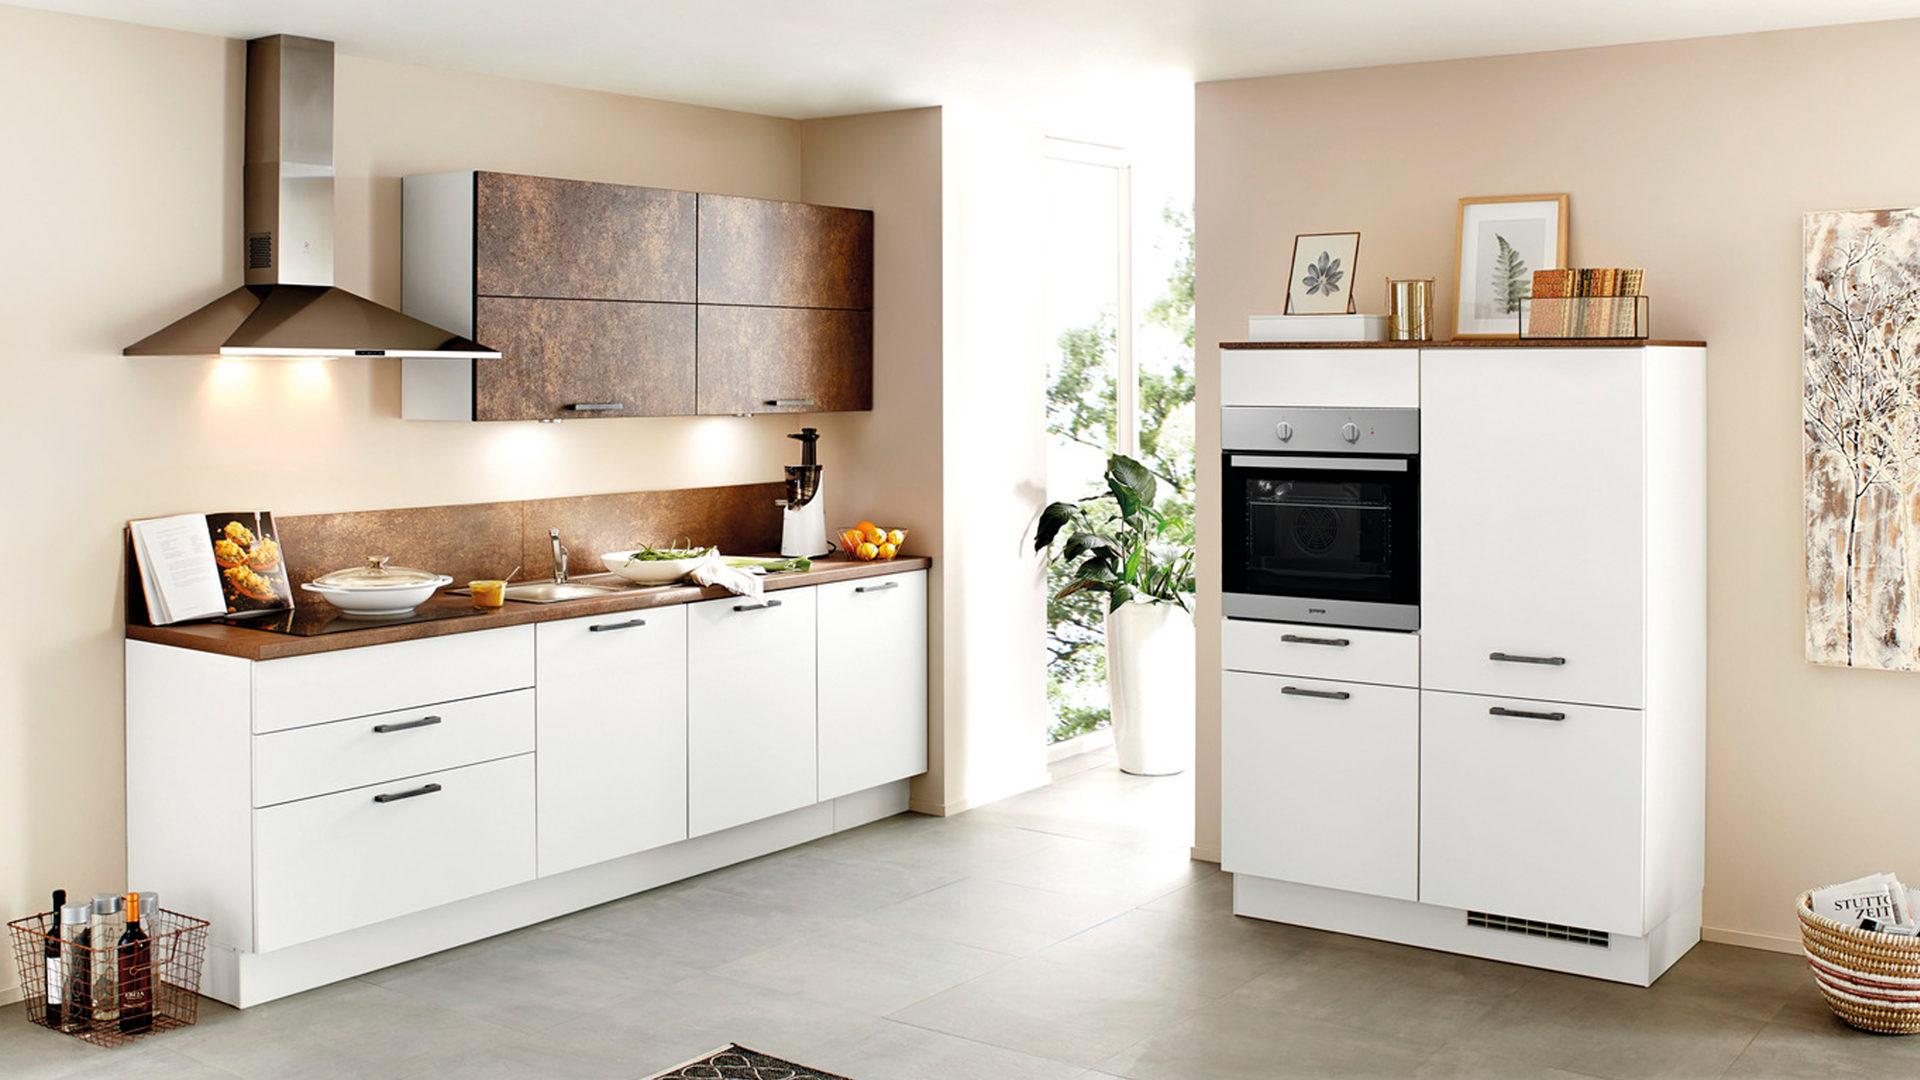 Gorenje Kühlschrank Weiß : Einbauküche mit gorenje elektrogeräten wie kühlschrank etc weiße